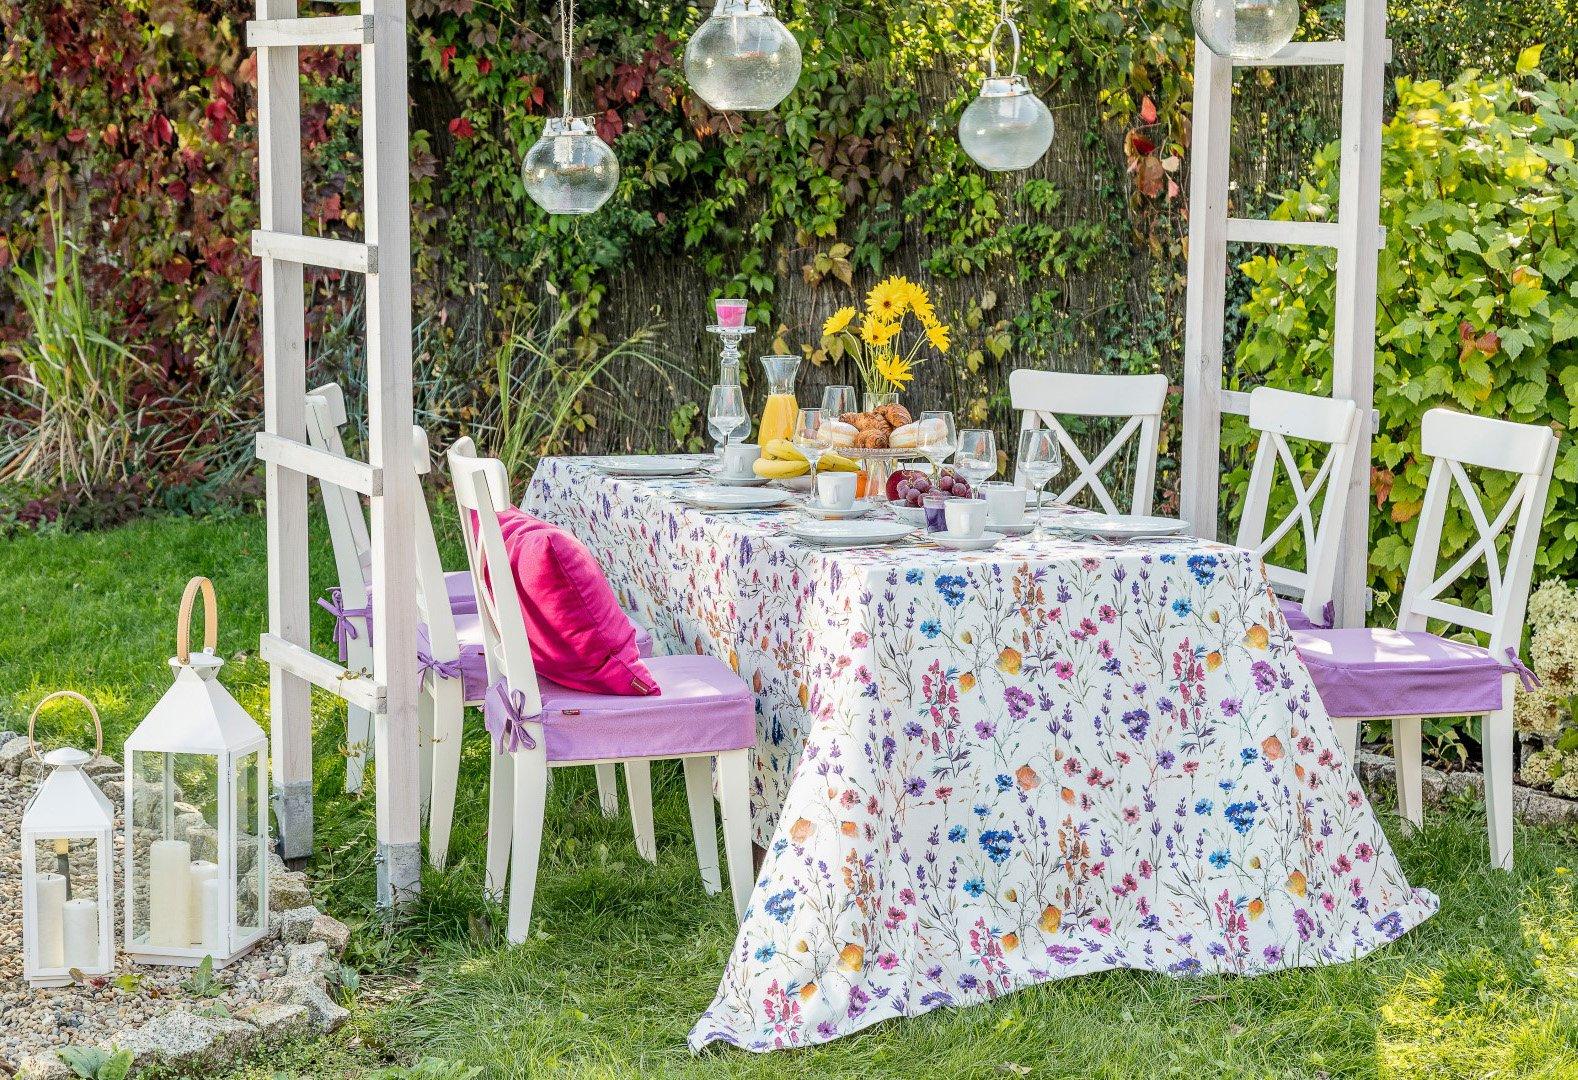 Kolacja w barwnym ogrodzie - Flowers